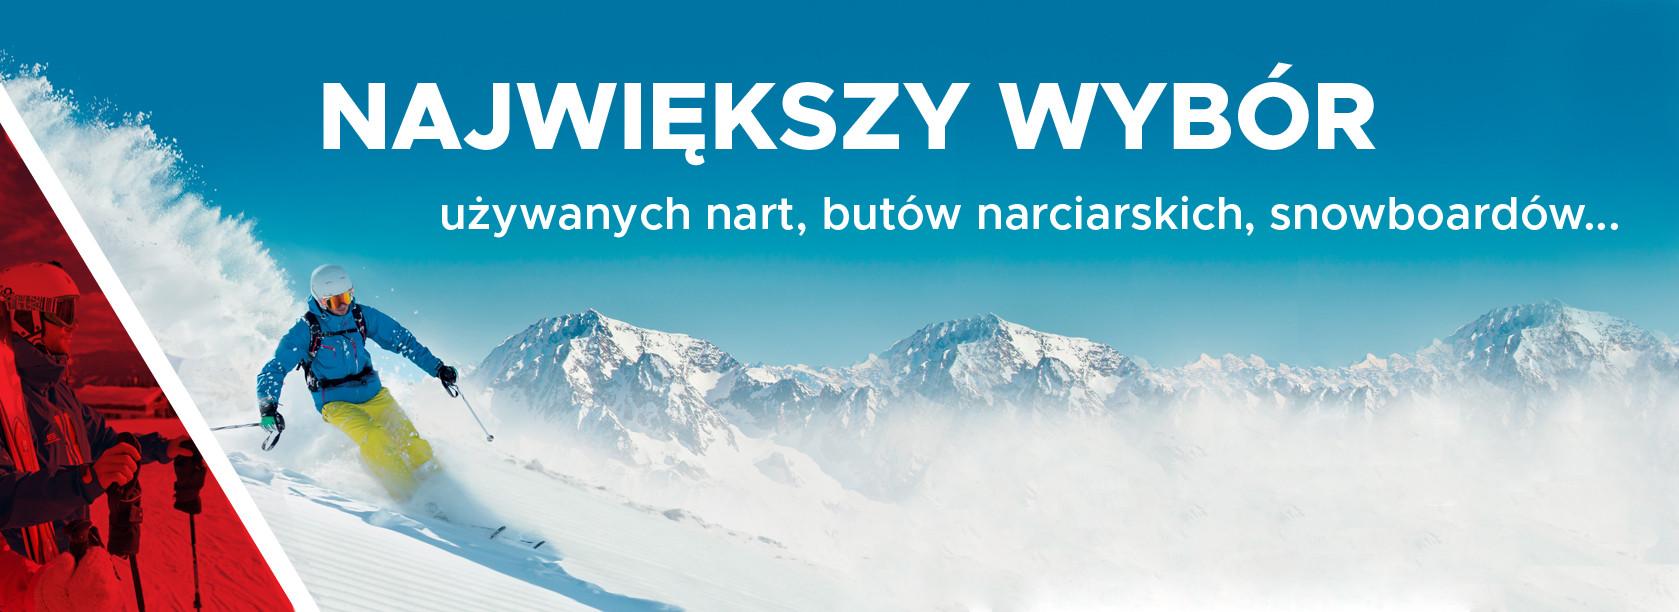 uzywanych nart, butow narciarskych, snowboardov